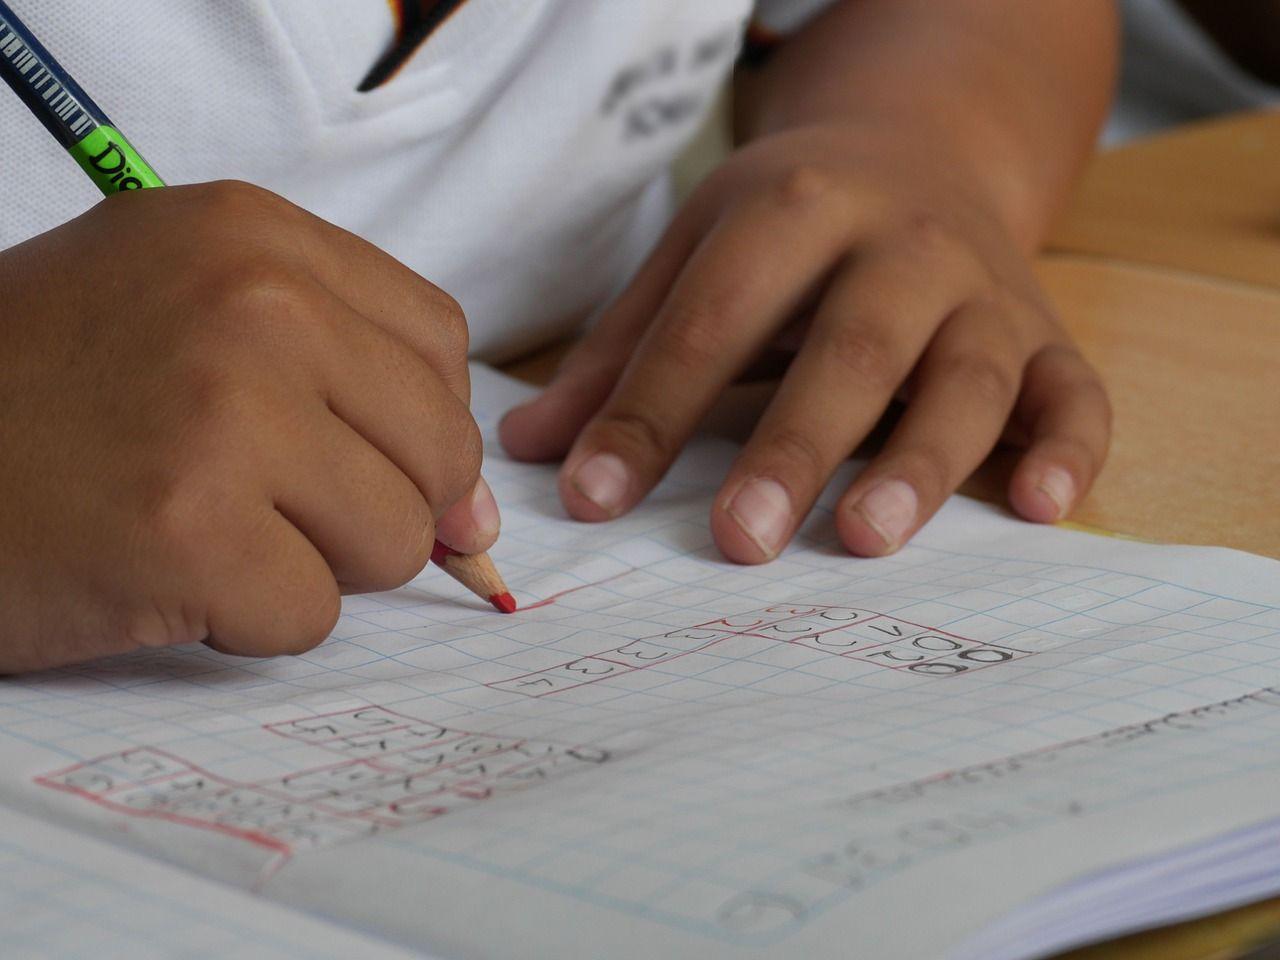 W trzech szkołach odwołano lekcje z powodu koronawirusa